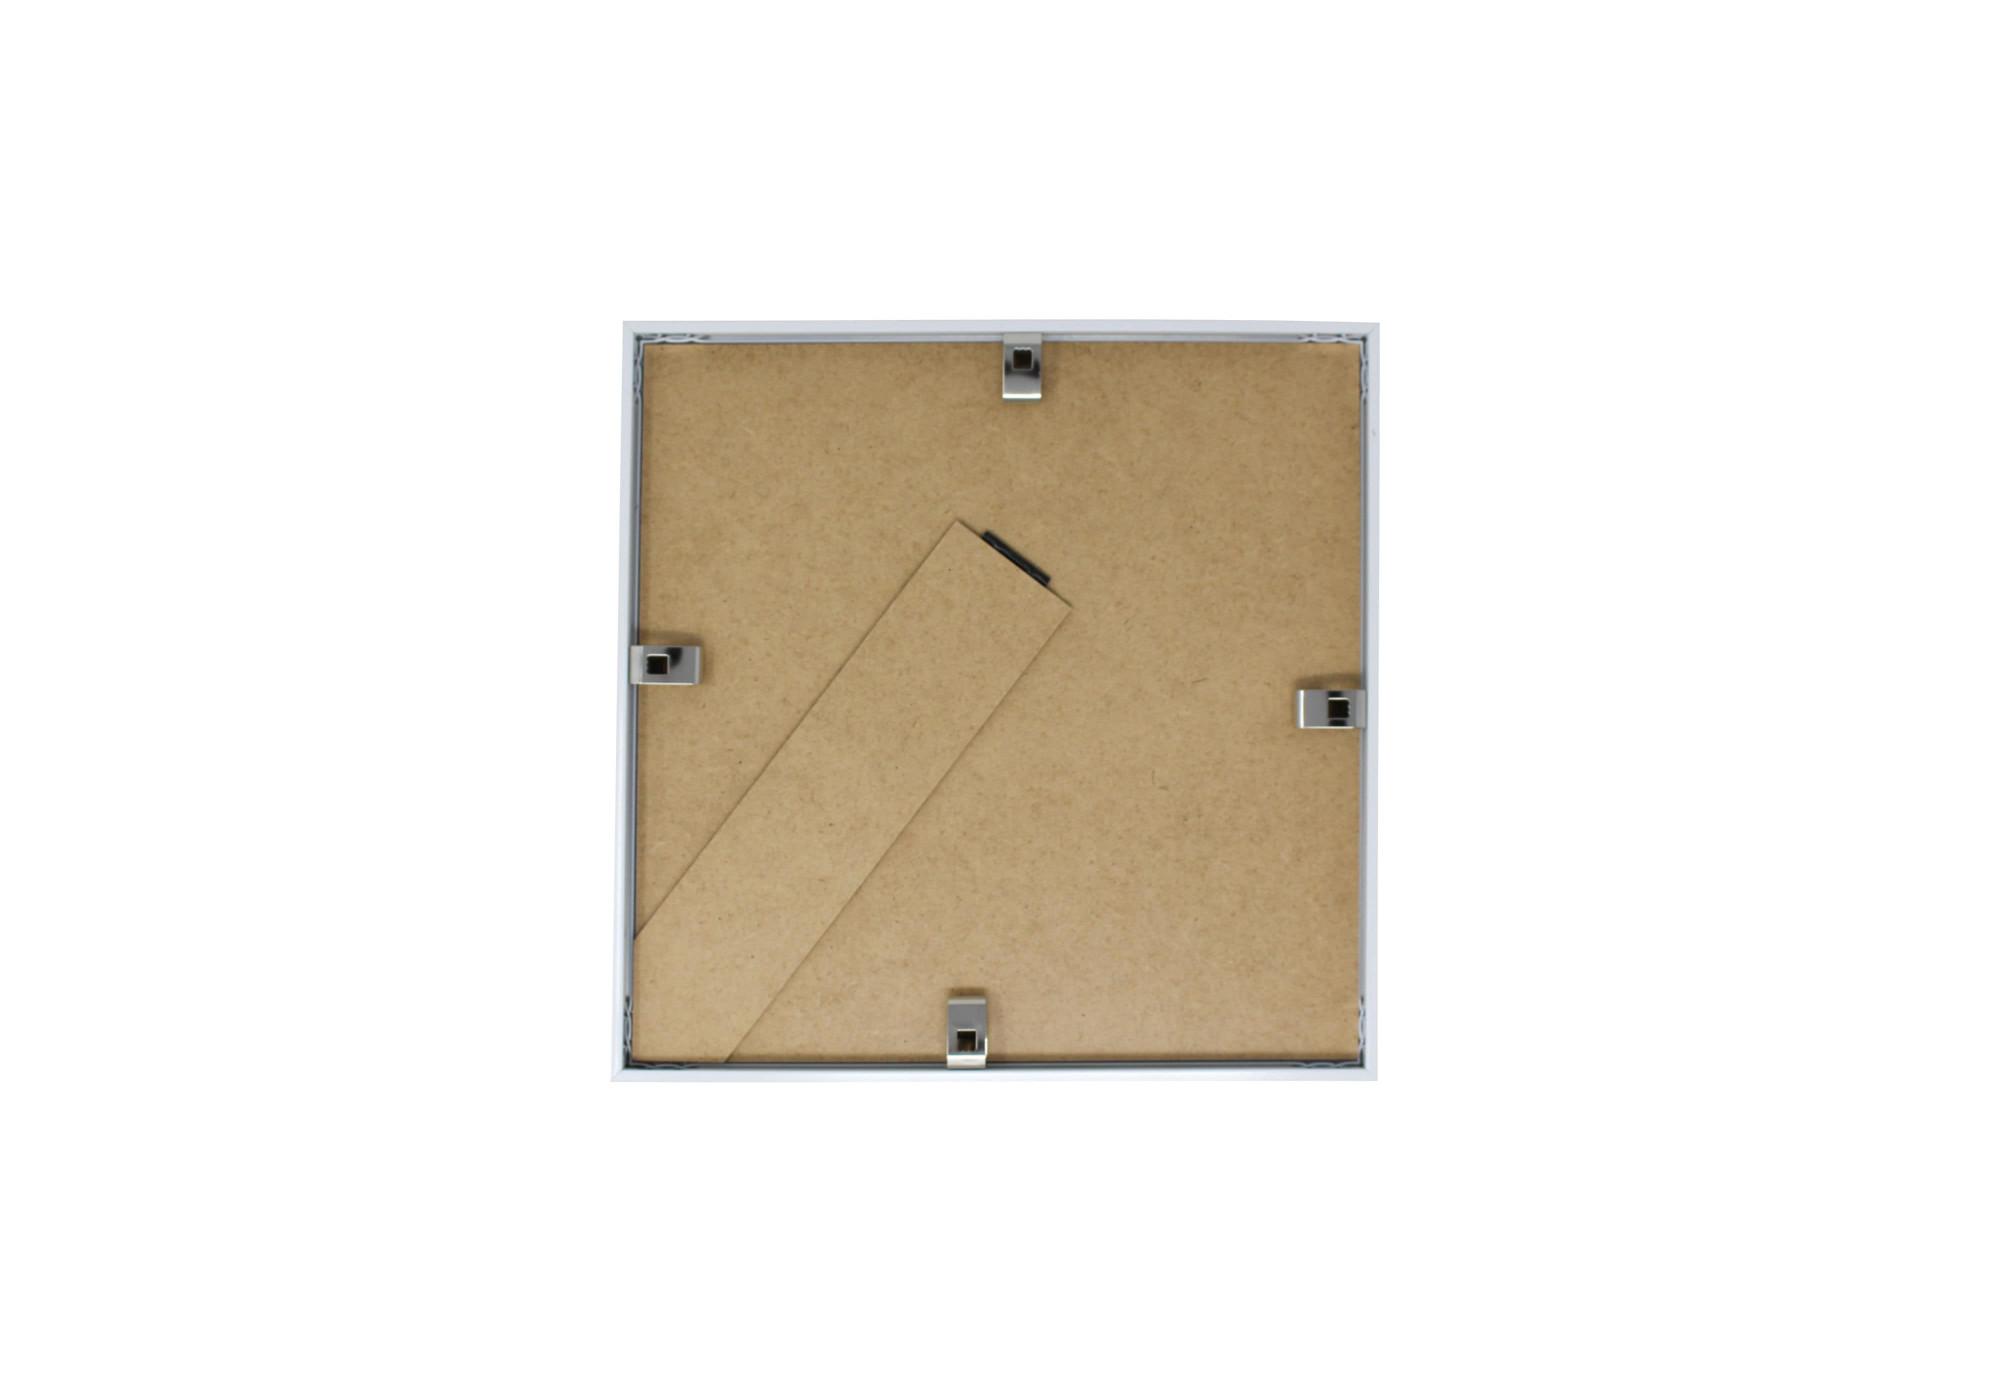 Cadre carré de dos en blanc au format 20x20cm